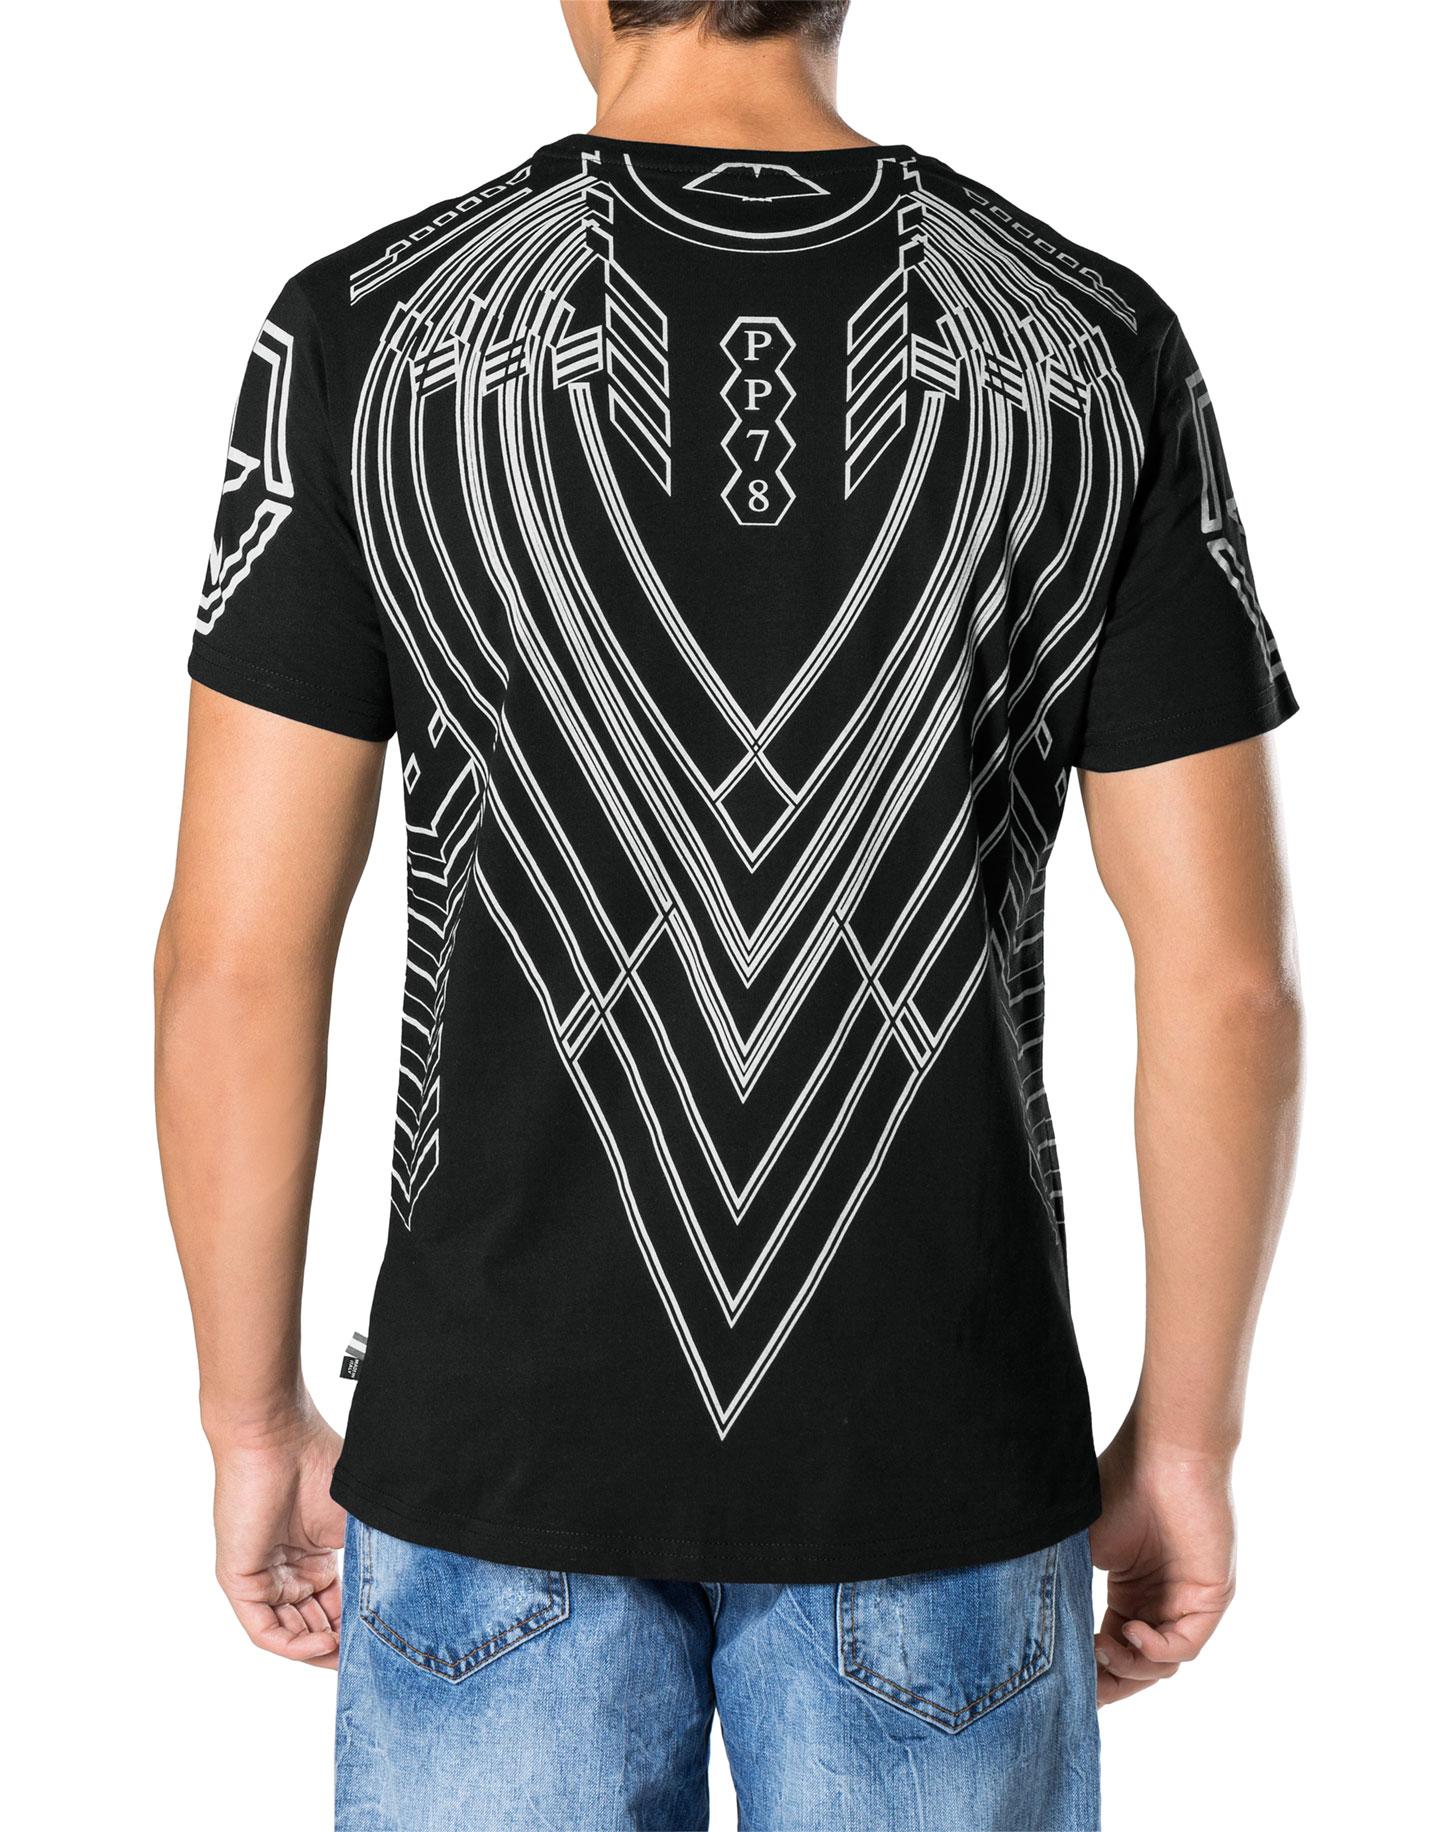 Herren Philipp Plein Shirt S17C MTK0036 Psychological White for Men T-shirt